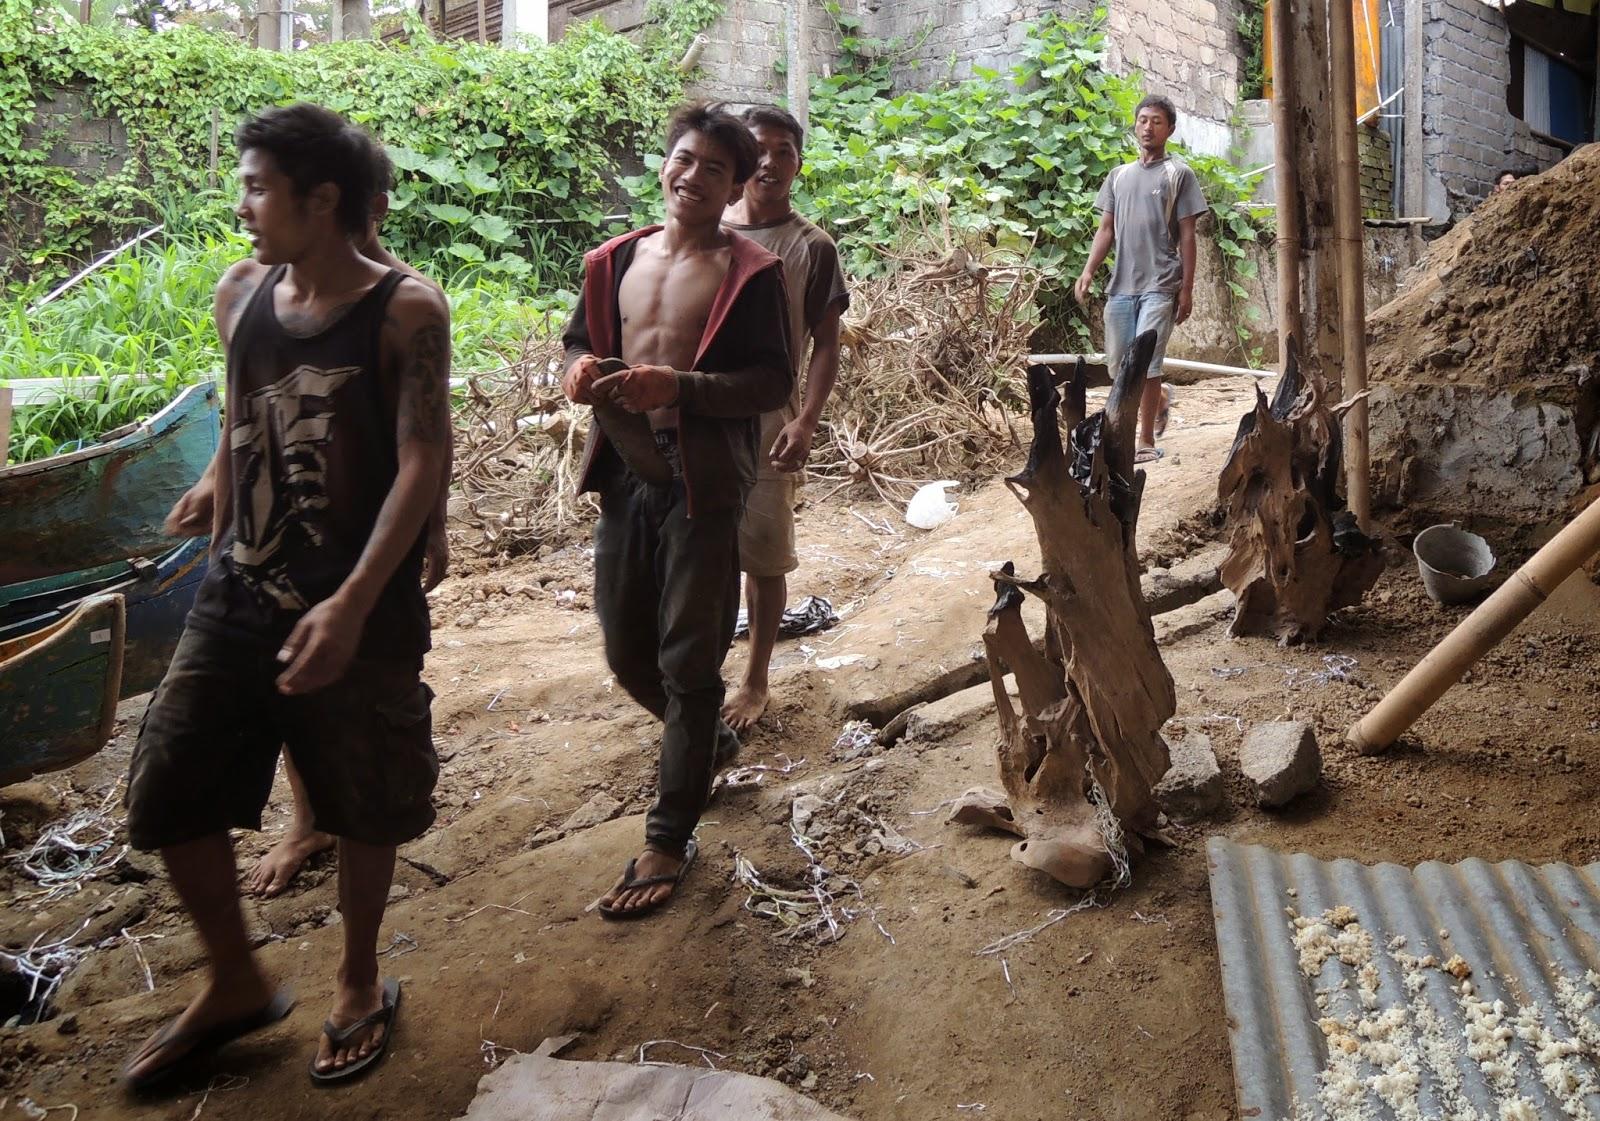 Balinese workers, teak